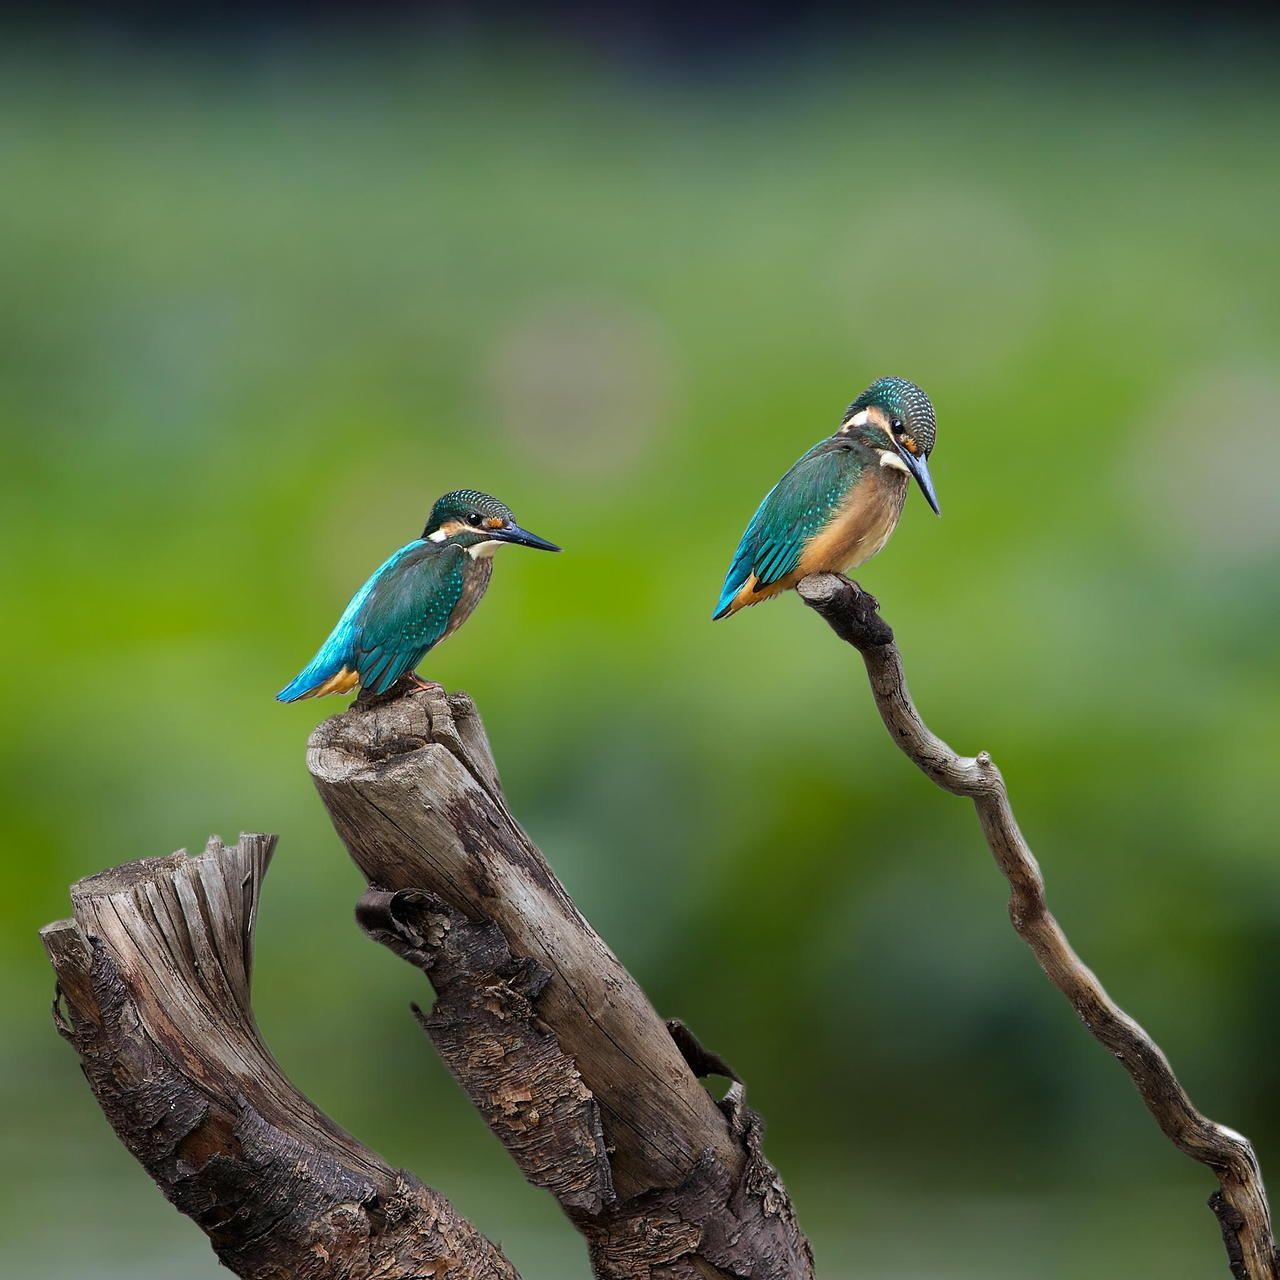 Baby Kingfishers